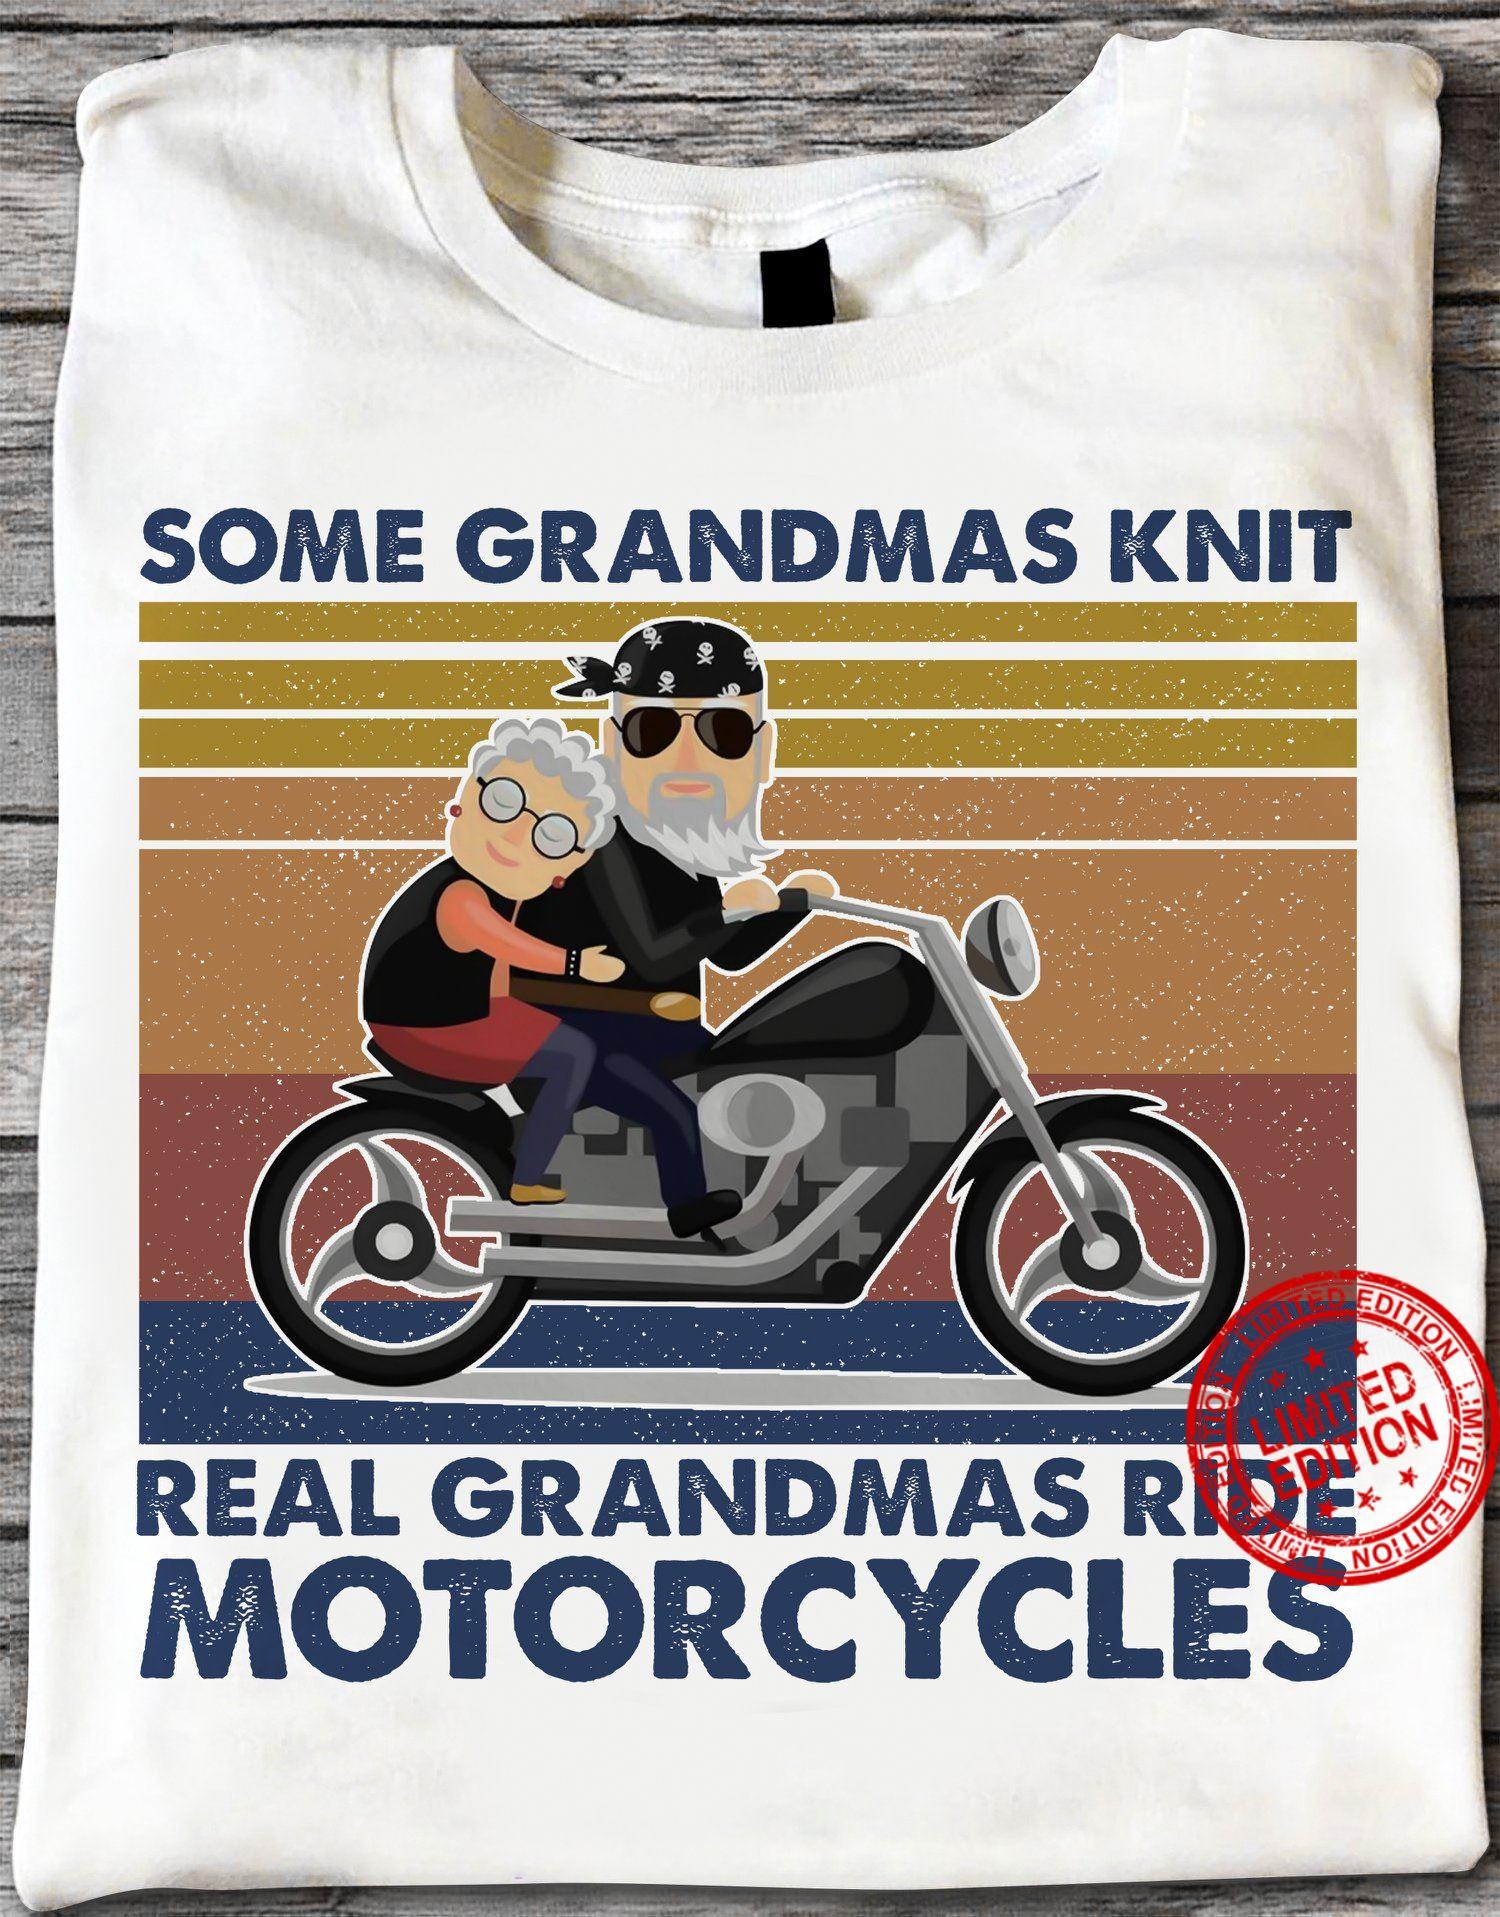 Some Grandmas Knit Real Grandmas Ride Motorcycles White Shirt